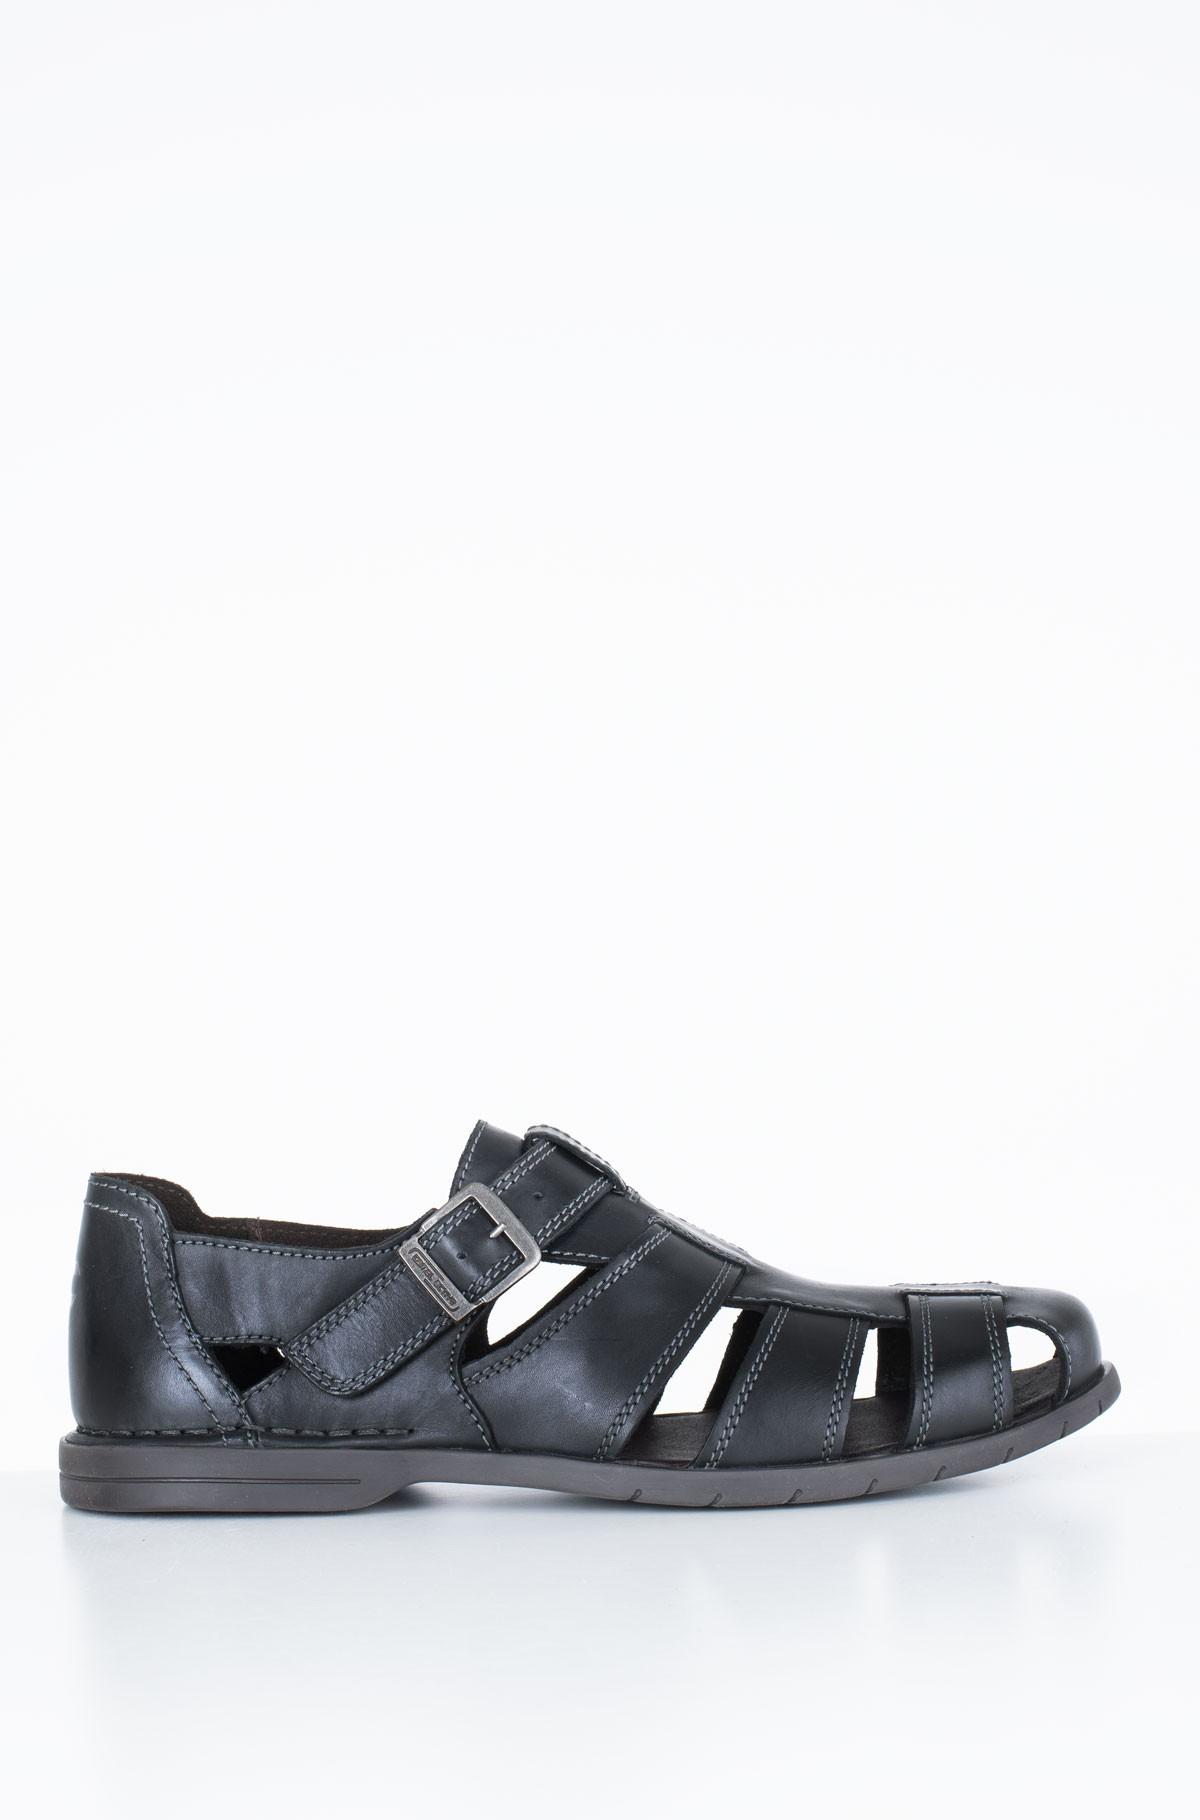 Kinnised sandaalid 410.12.10-full-1